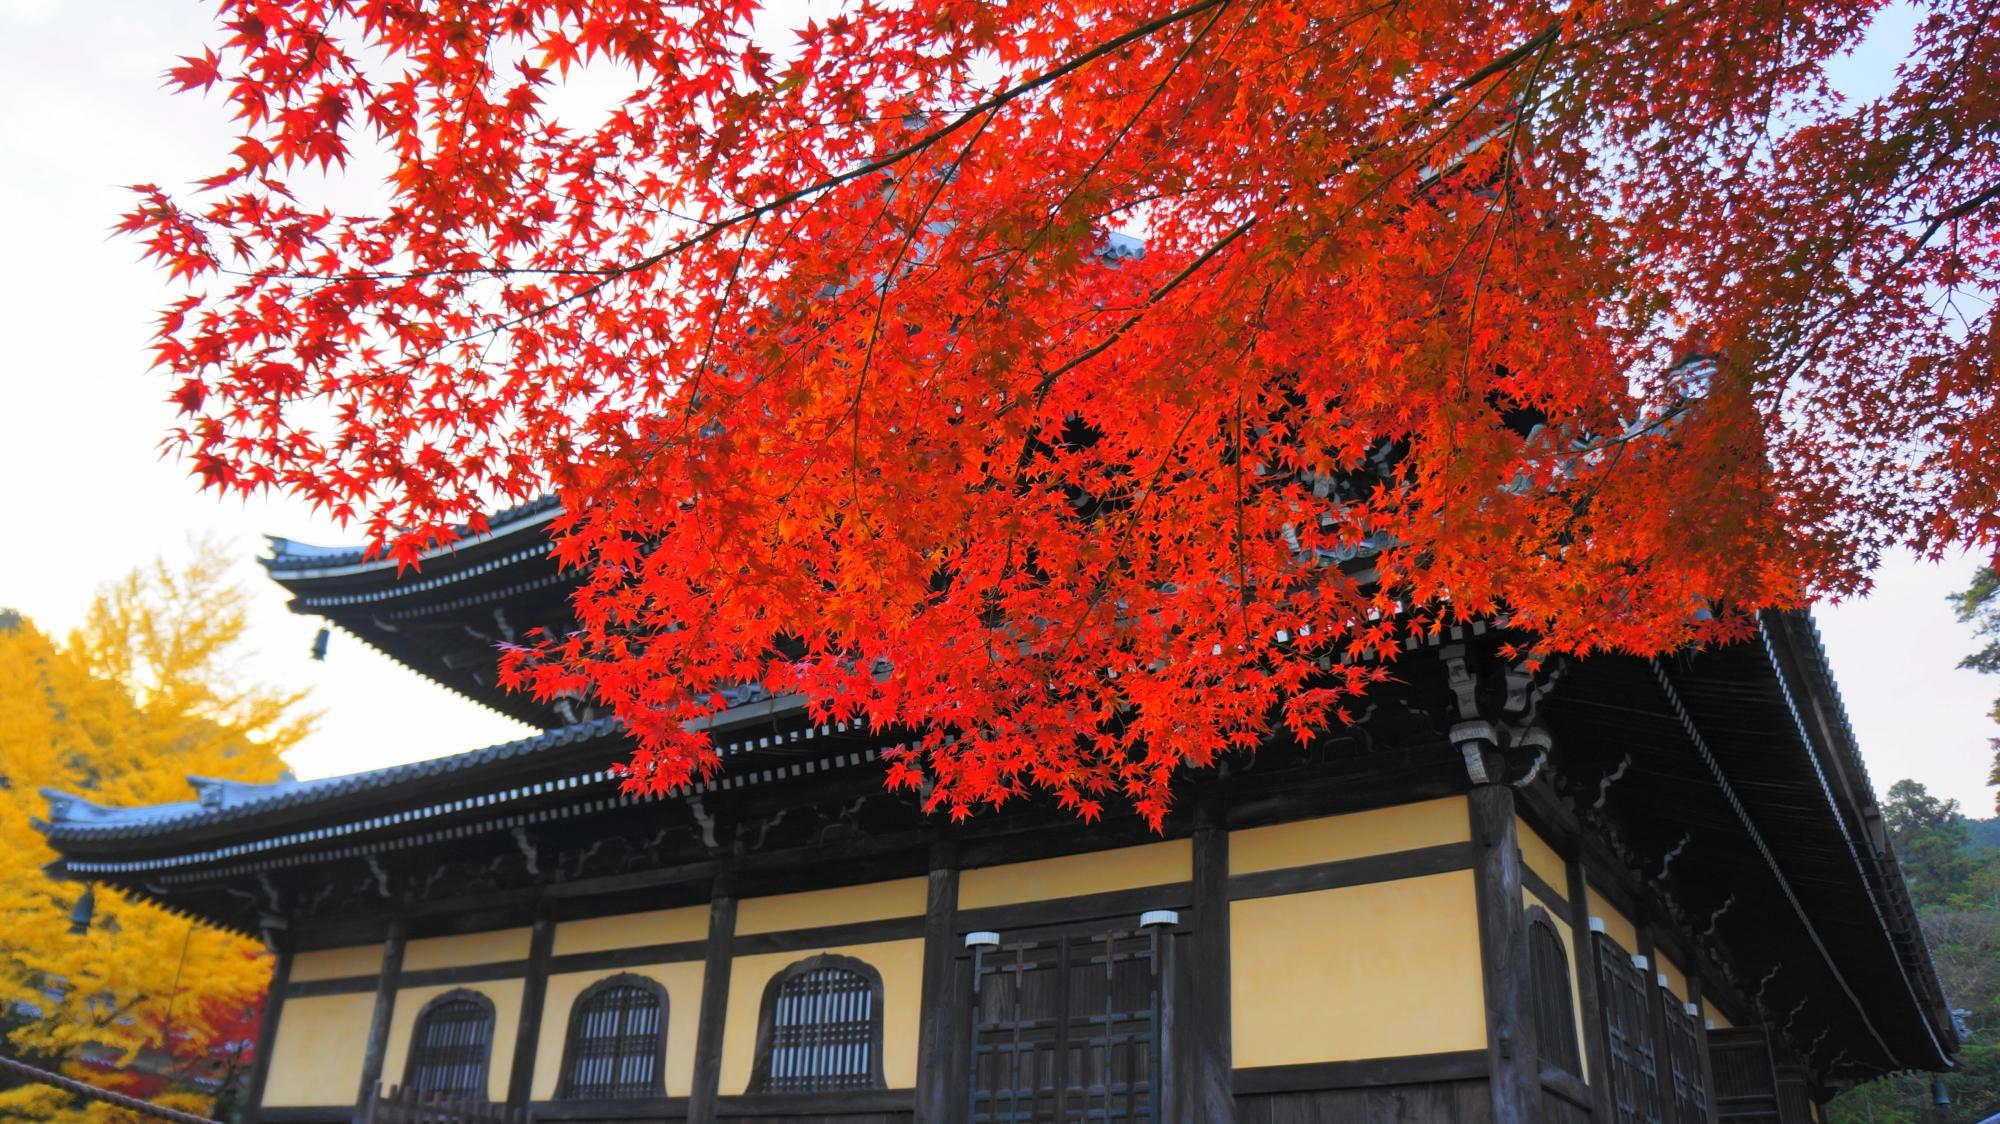 法堂に降り注ぐ鮮烈な色合いの真っ赤な紅葉